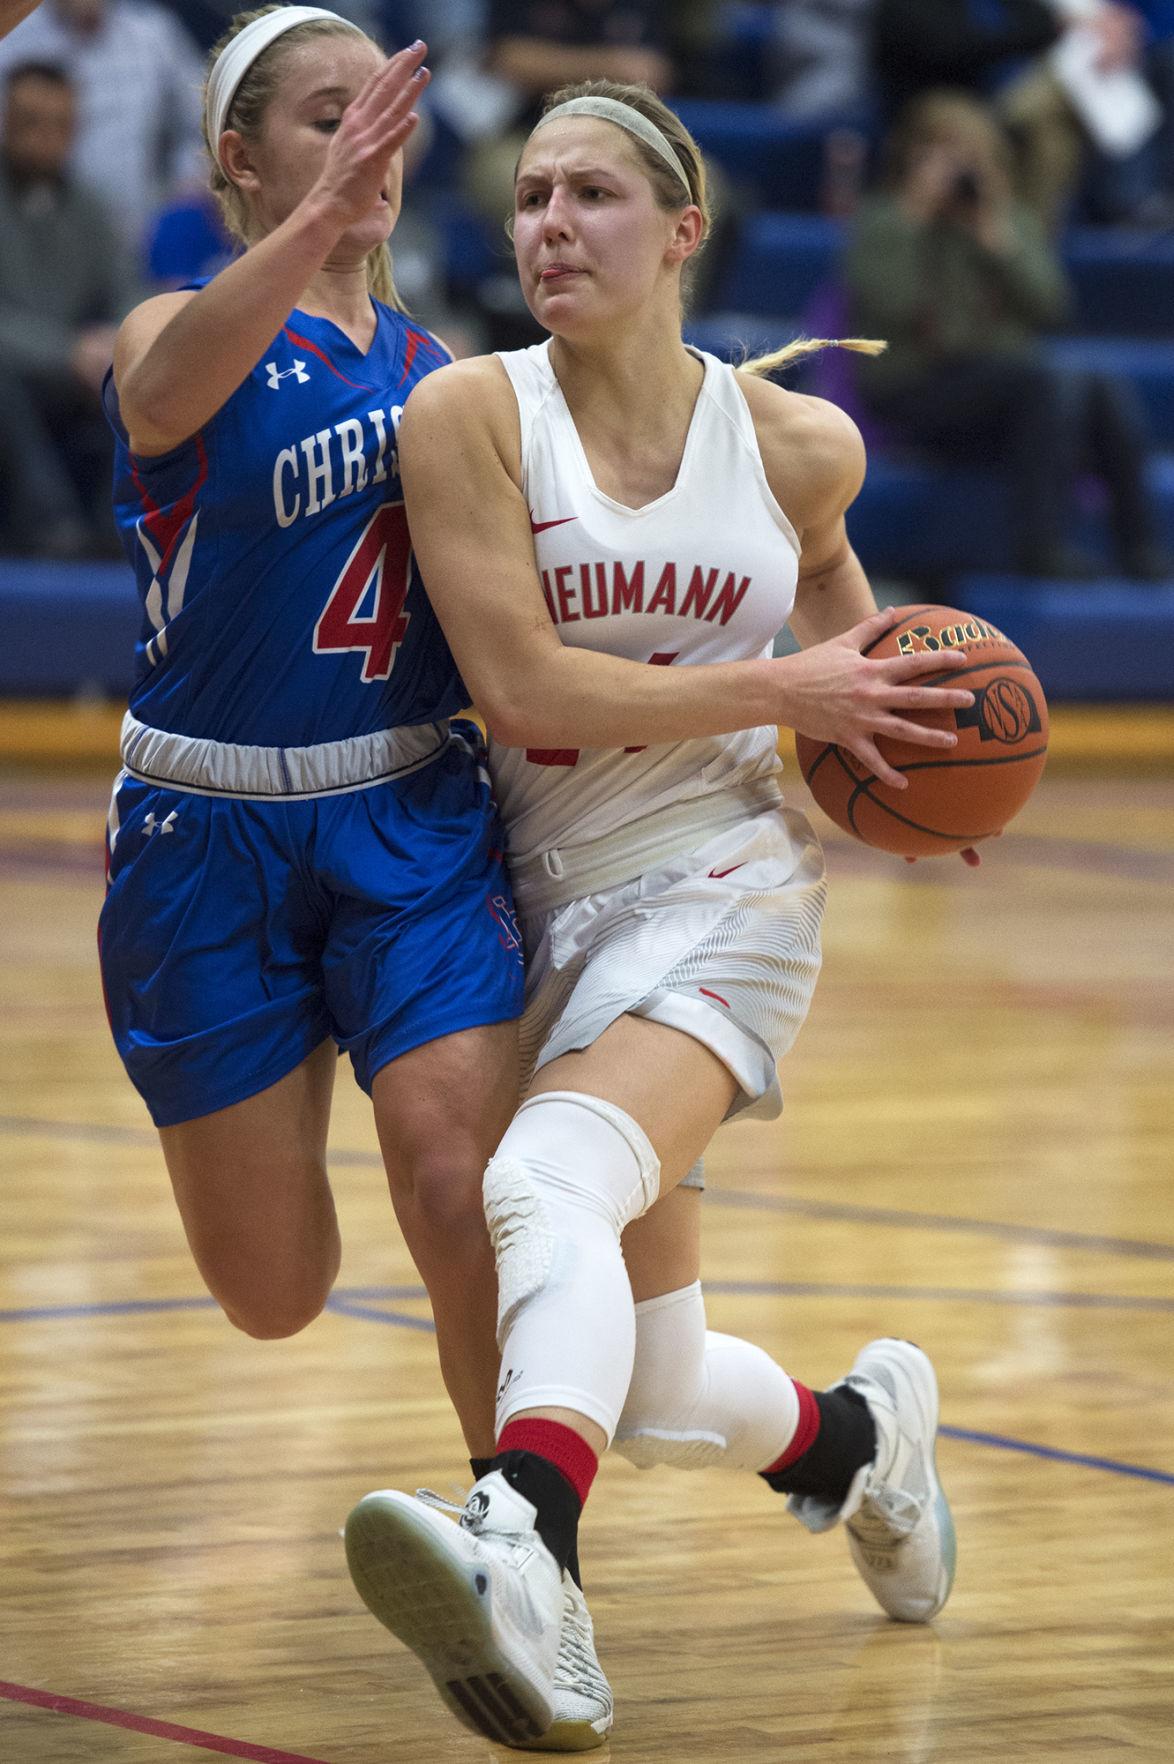 Lincoln Christian vs. Neumann, Centennial Conference girls semifinals, 1/25/18